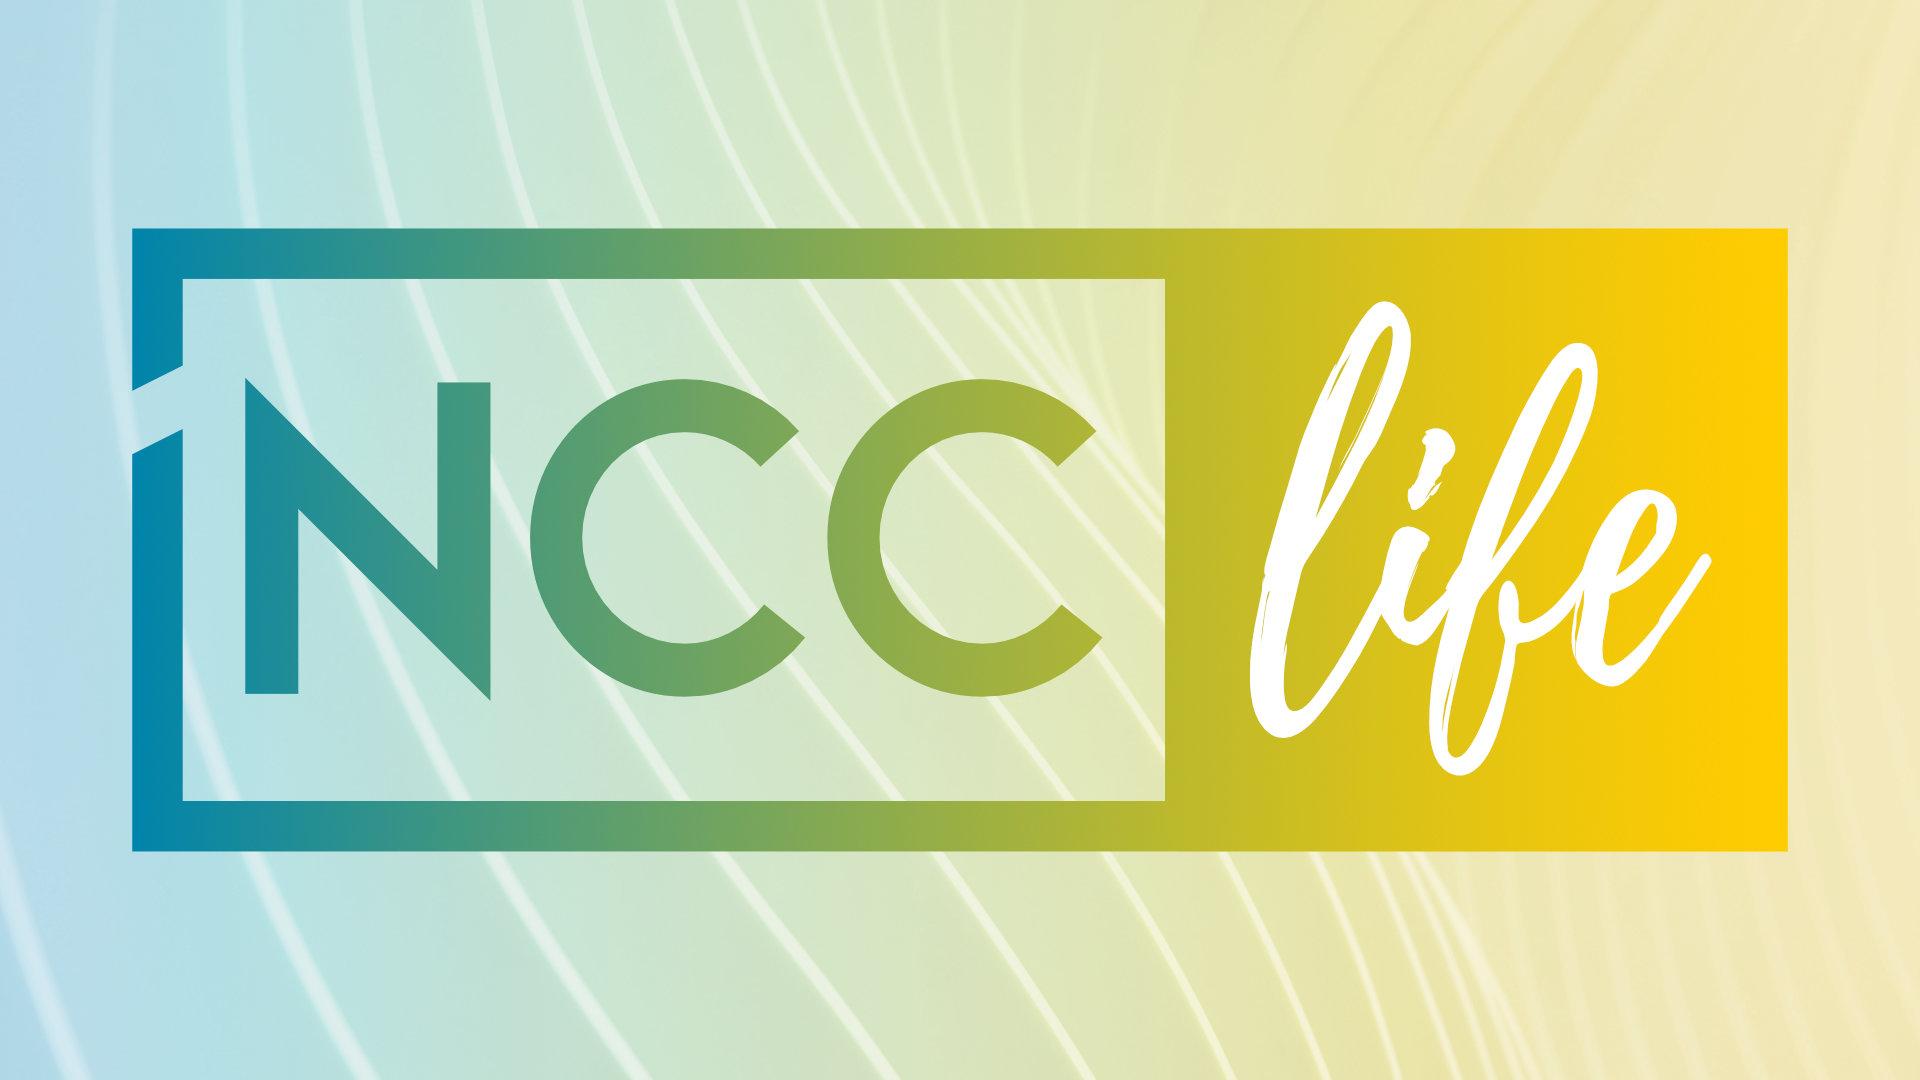 NCC Life